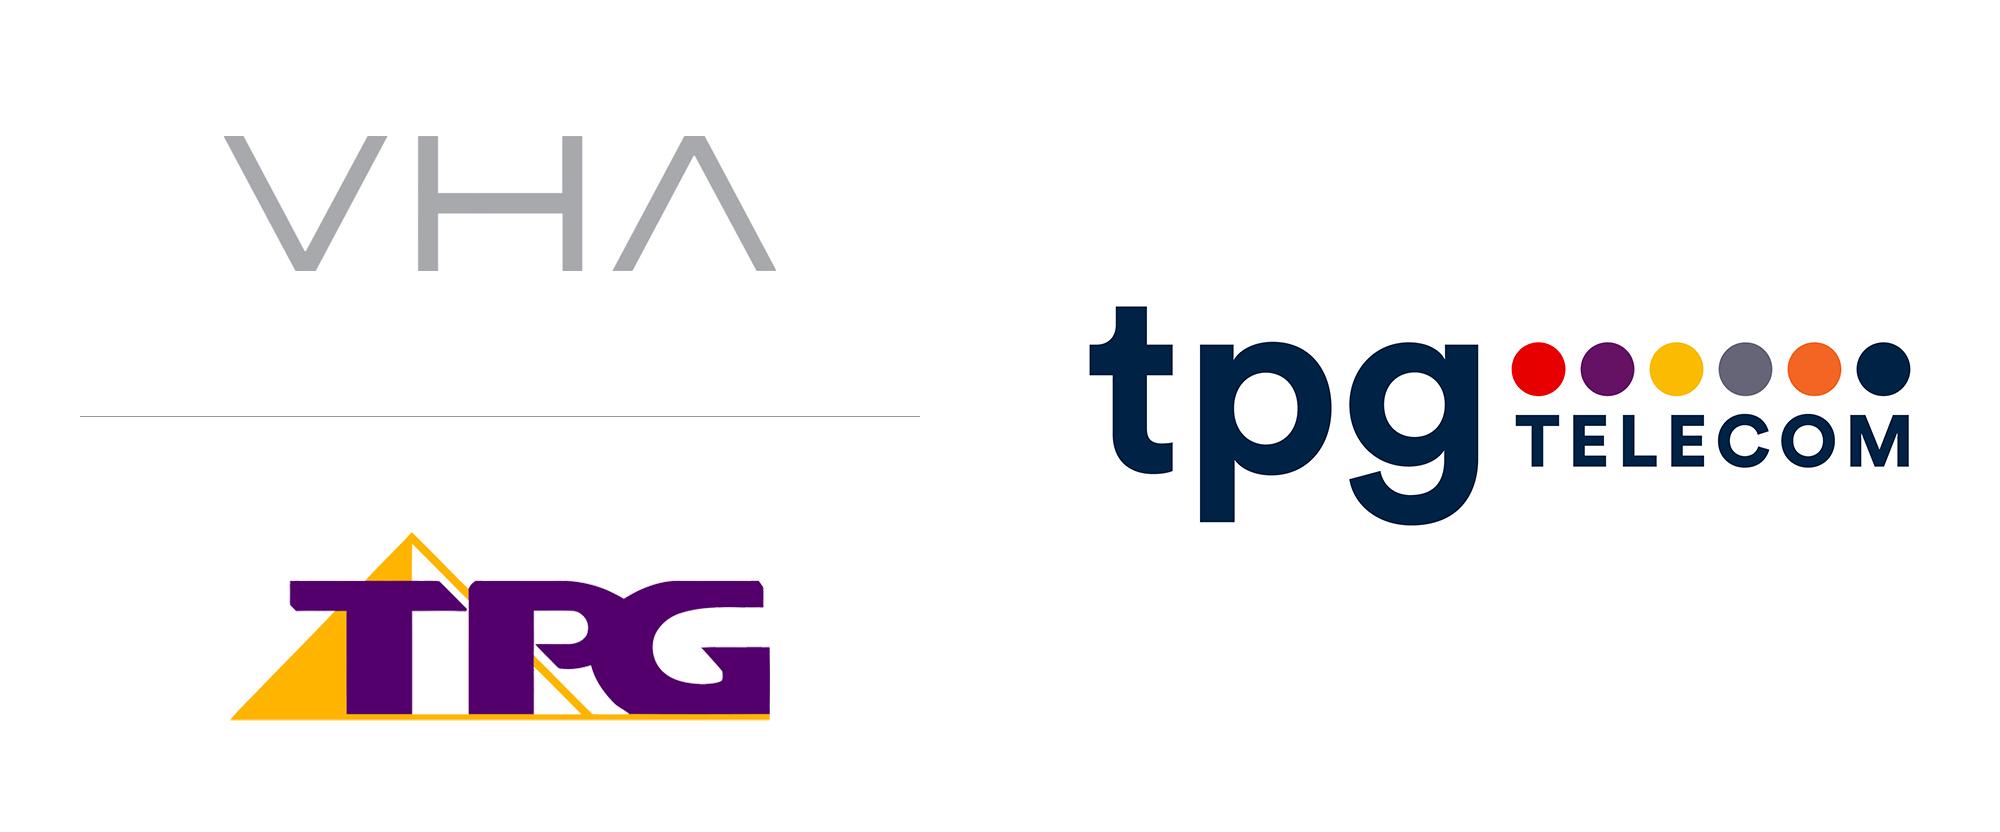 New Logo for TPG Telecom by Landor